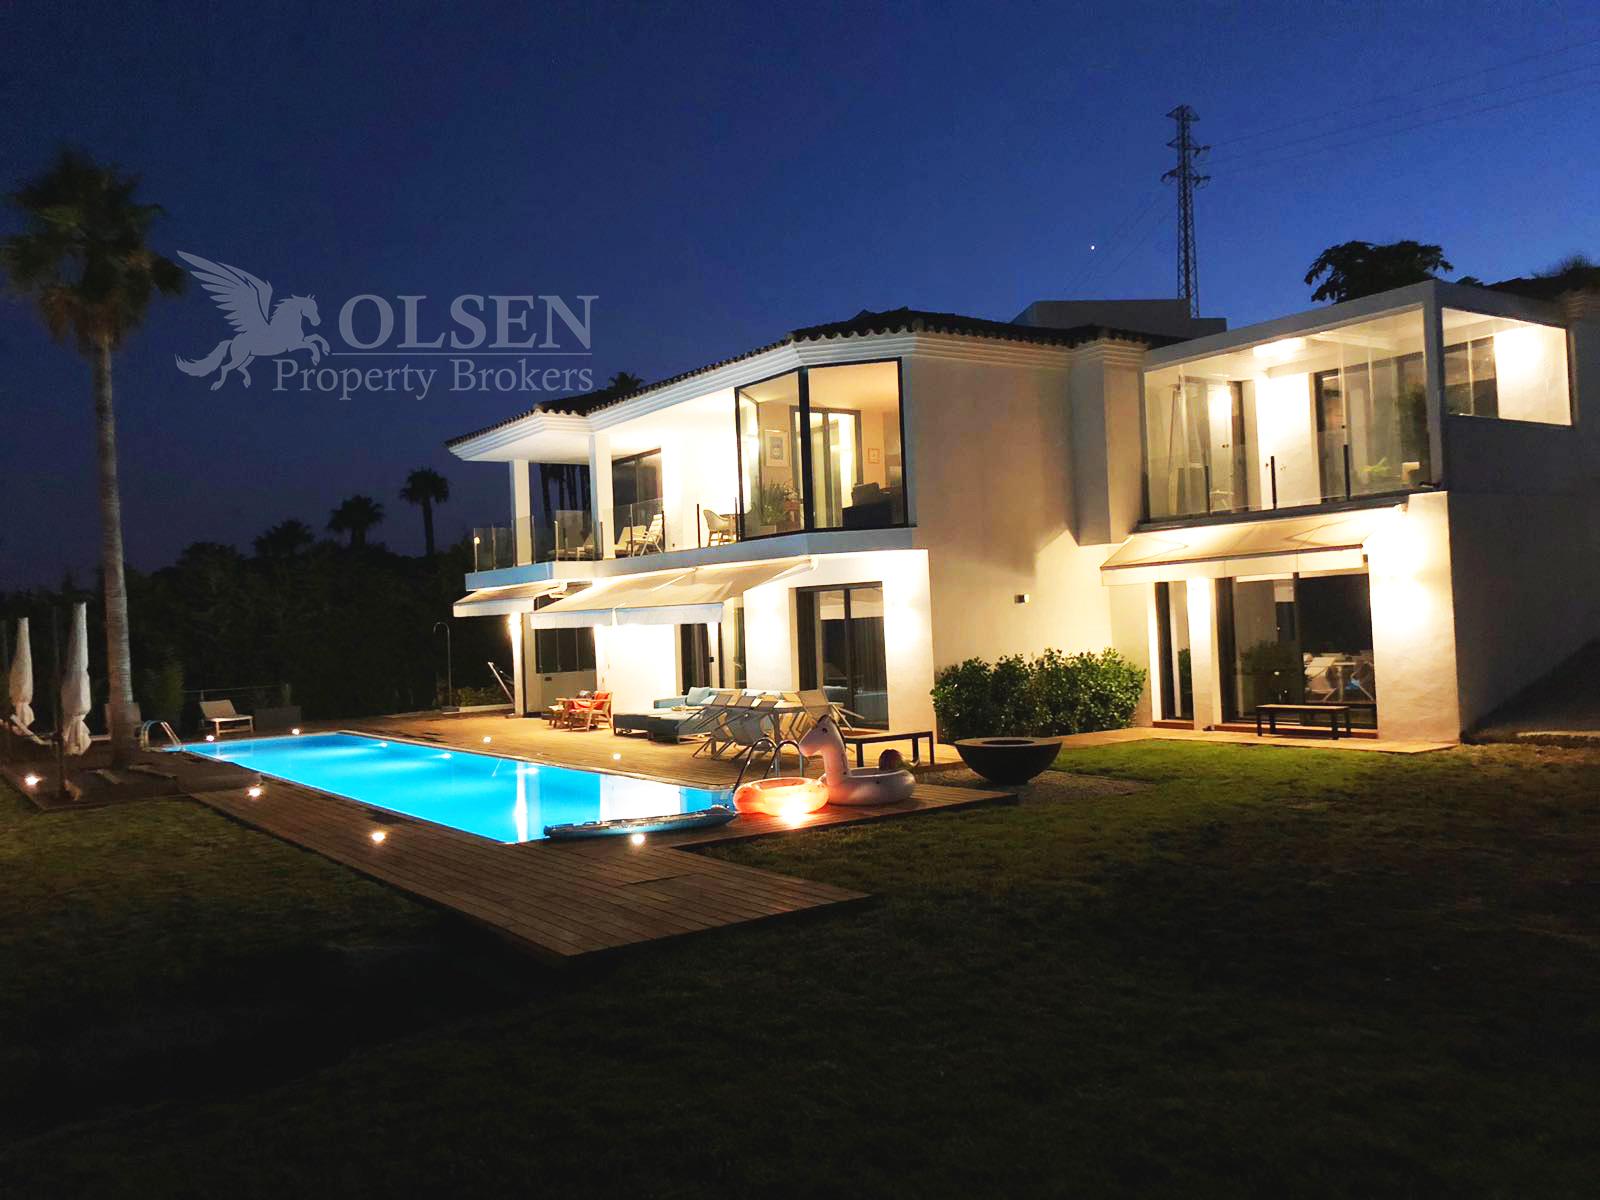 Moderna Villa con vistas panorámicas al mar en Estepona – Malaga